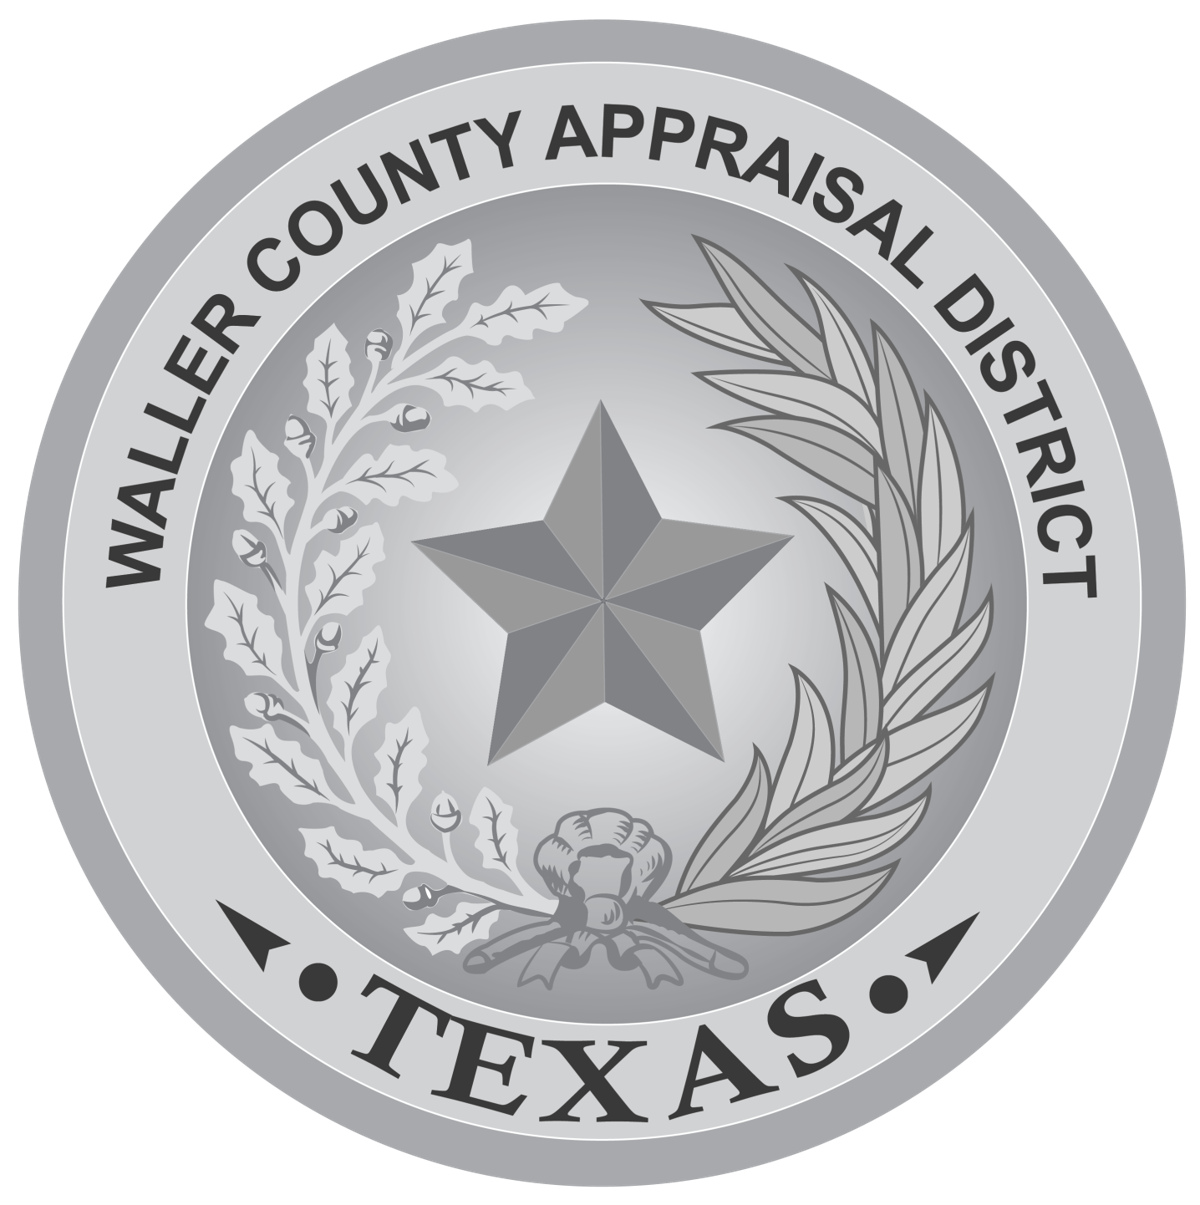 Walker County Appraisal District